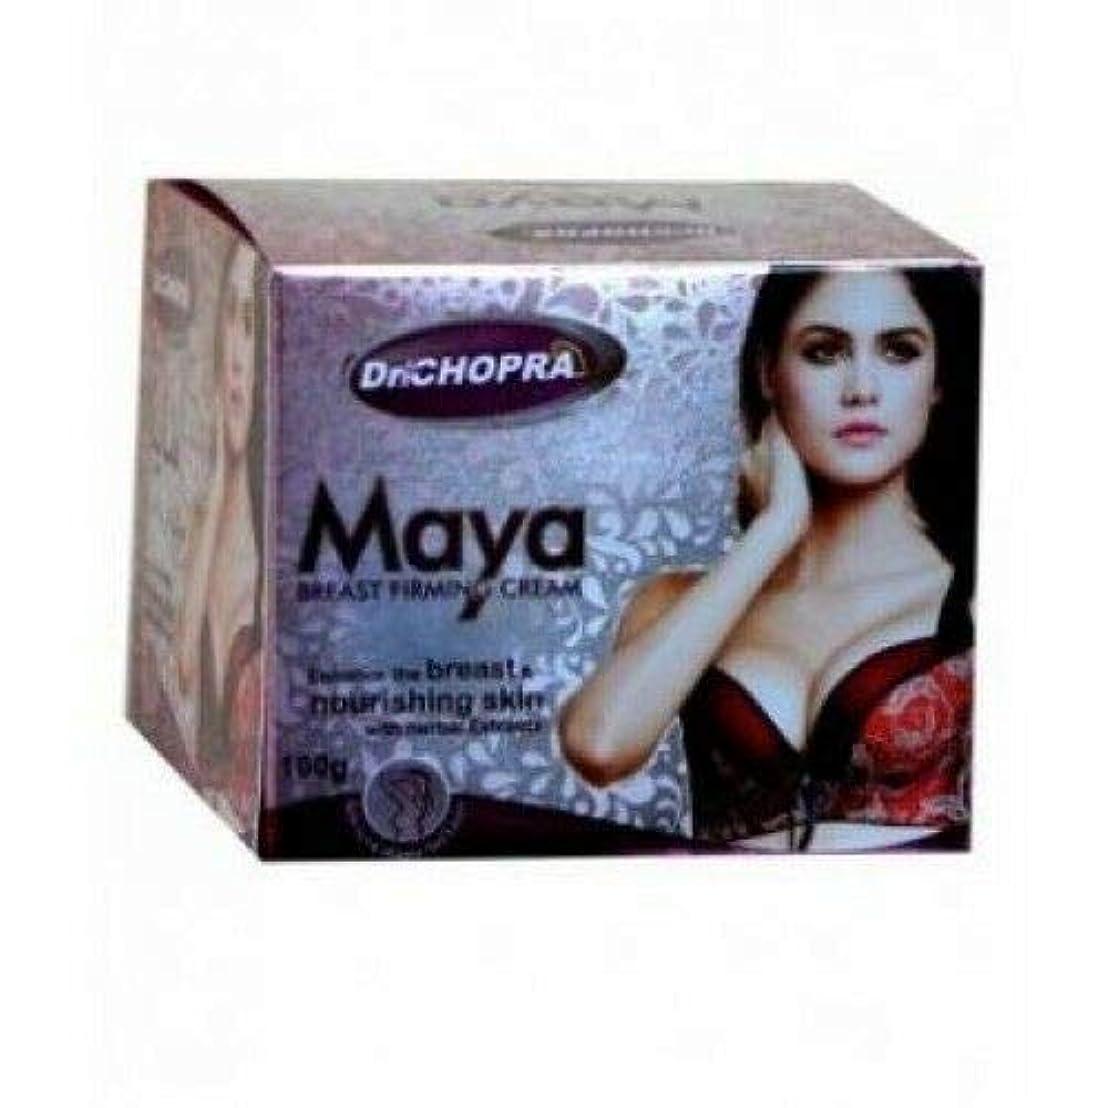 震えるオーバーラン幻滅するBreast Firming Cream 100g Enhance Breast & Nourishing Skin Herbal Extracts 胸の引き締めクリームは、胸と栄養肌のハーブエキスを強化します。